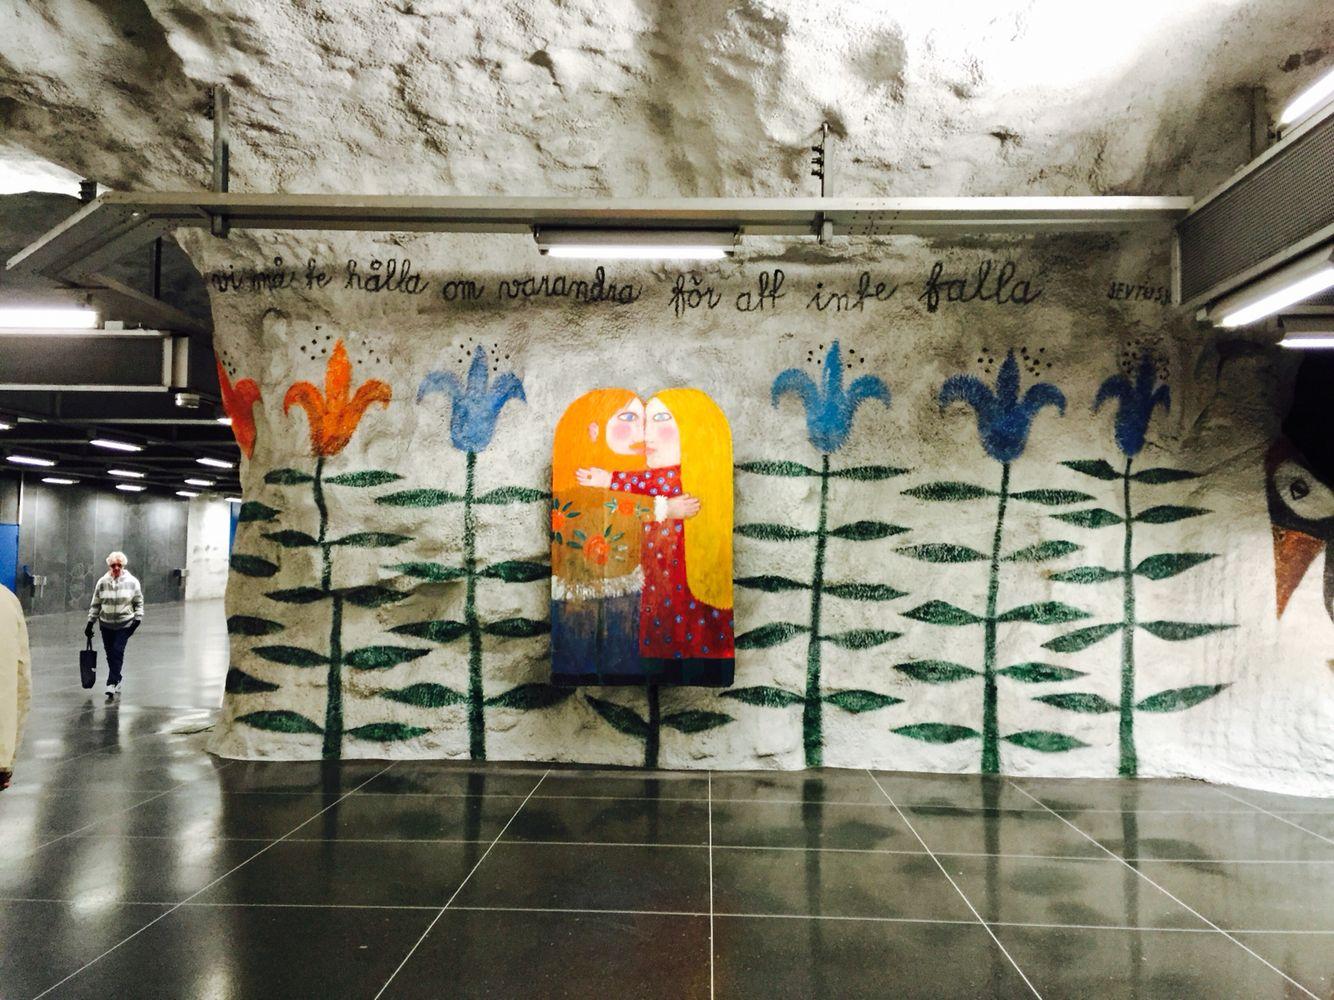 Tensta Tunnelbana En Ros Till Invandrarna Solidaritet Och - Vibrant photos of international subways capture their unappreciated beauty